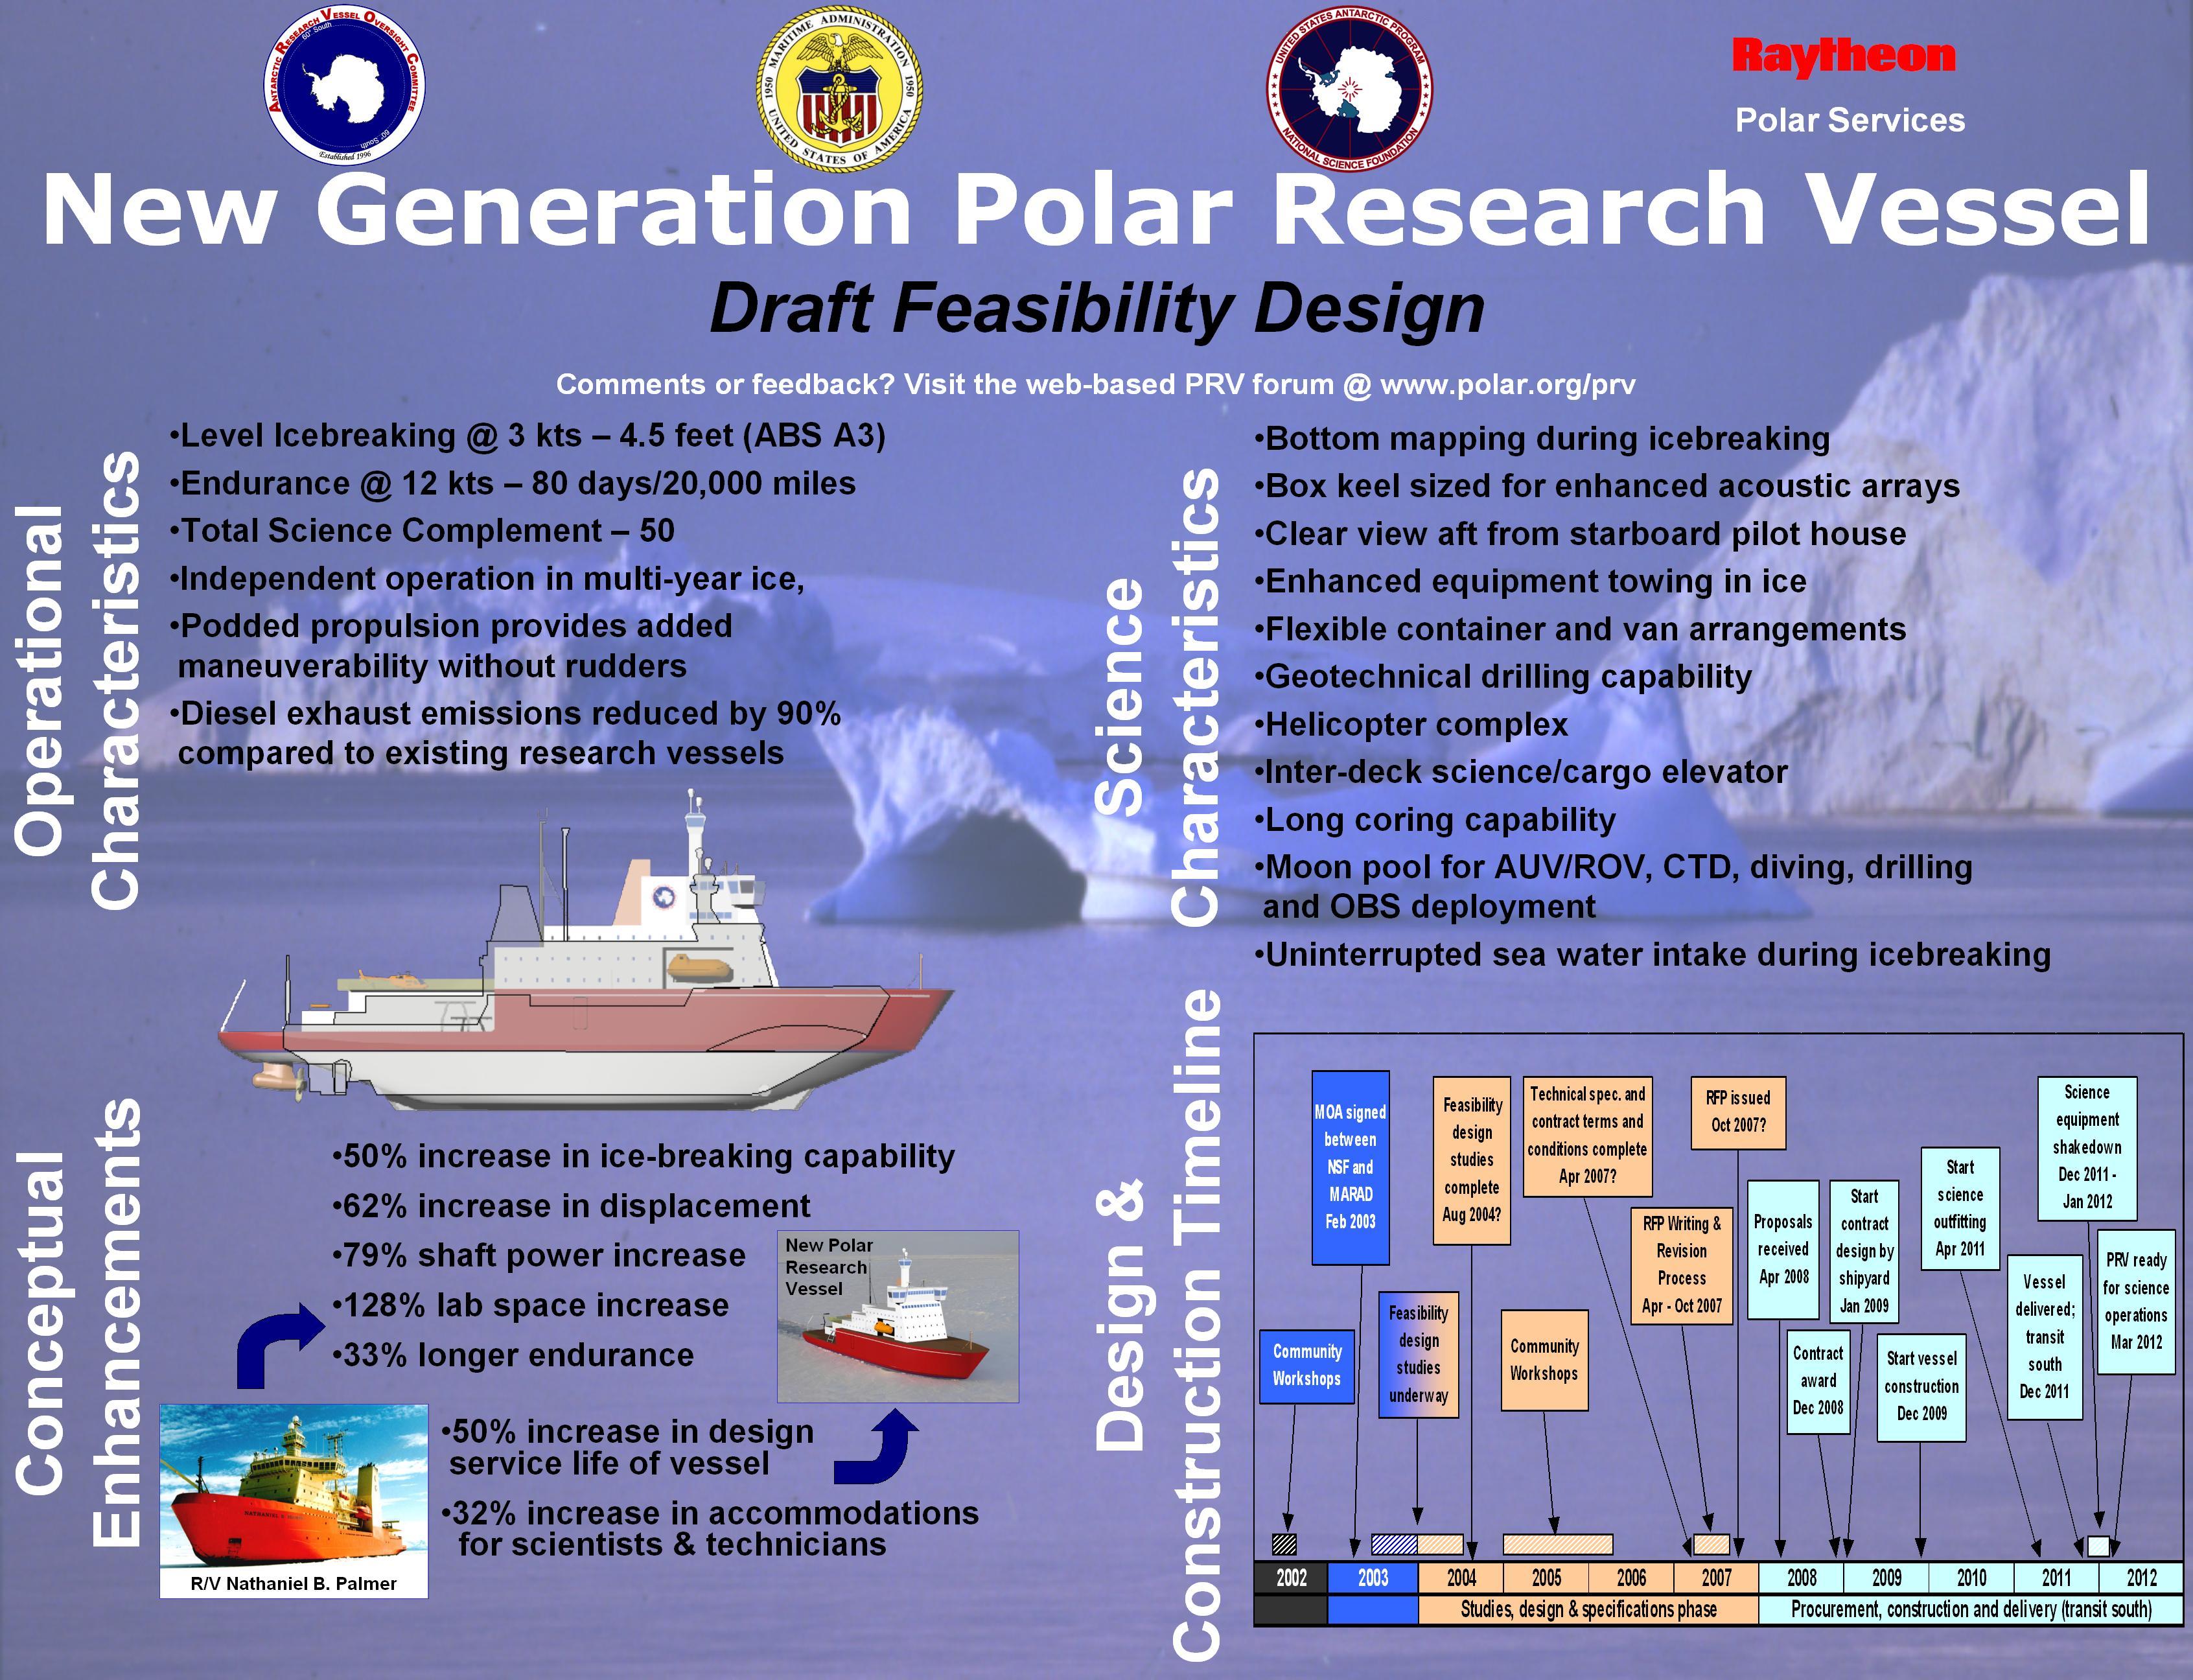 Clique na imagem para ampliar e saiba mais  sobre o programa Norte Americano NGPRV para a nova geração de navios polares dos EUA